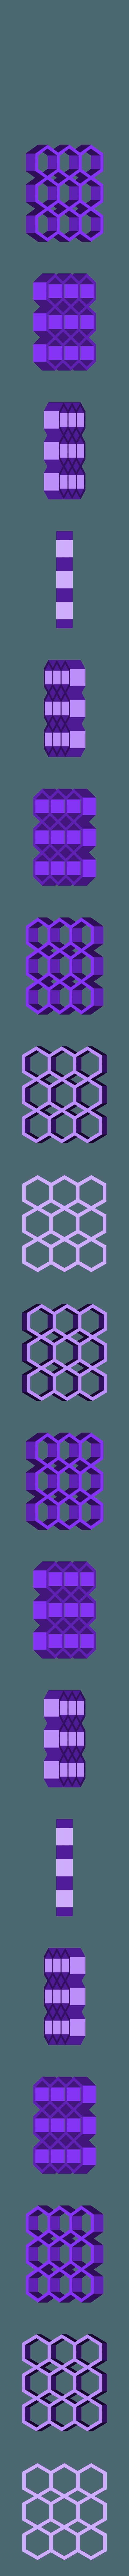 D_7mm.STL Télécharger fichier STL gratuit Support modulaire pour bâton de colle chaude • Objet à imprimer en 3D, Ingenioso3D